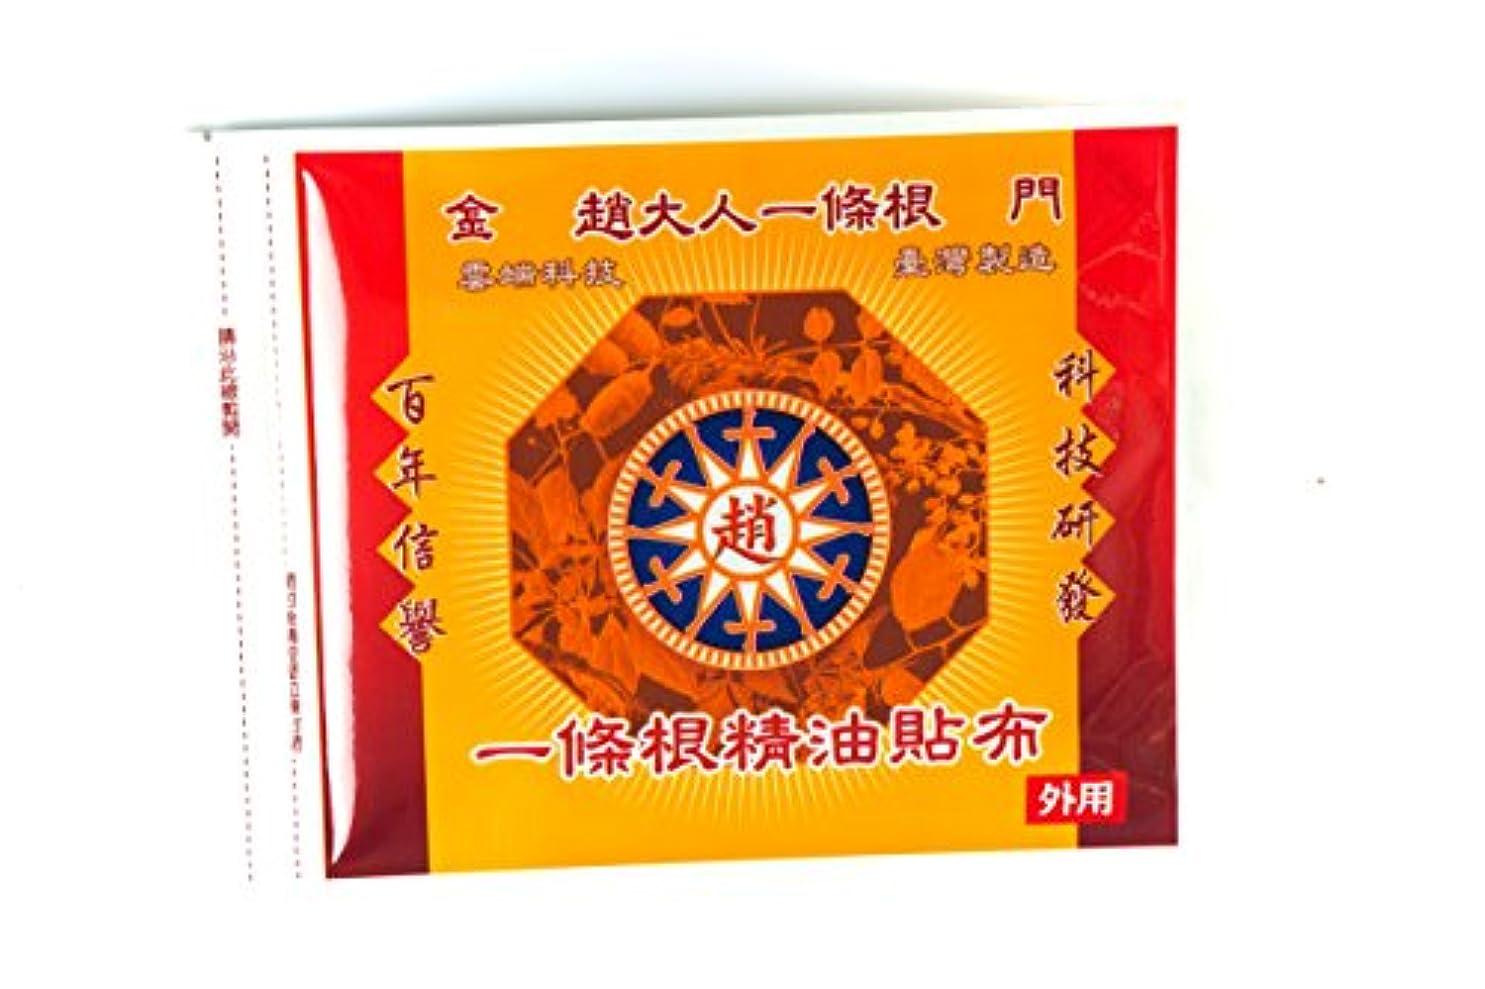 同志文字可能性台湾 按摩油 刮莎油 マッサージオイル マッサージクリーム 【趙大人】一條根精油膏 台湾製【並行輸入品】